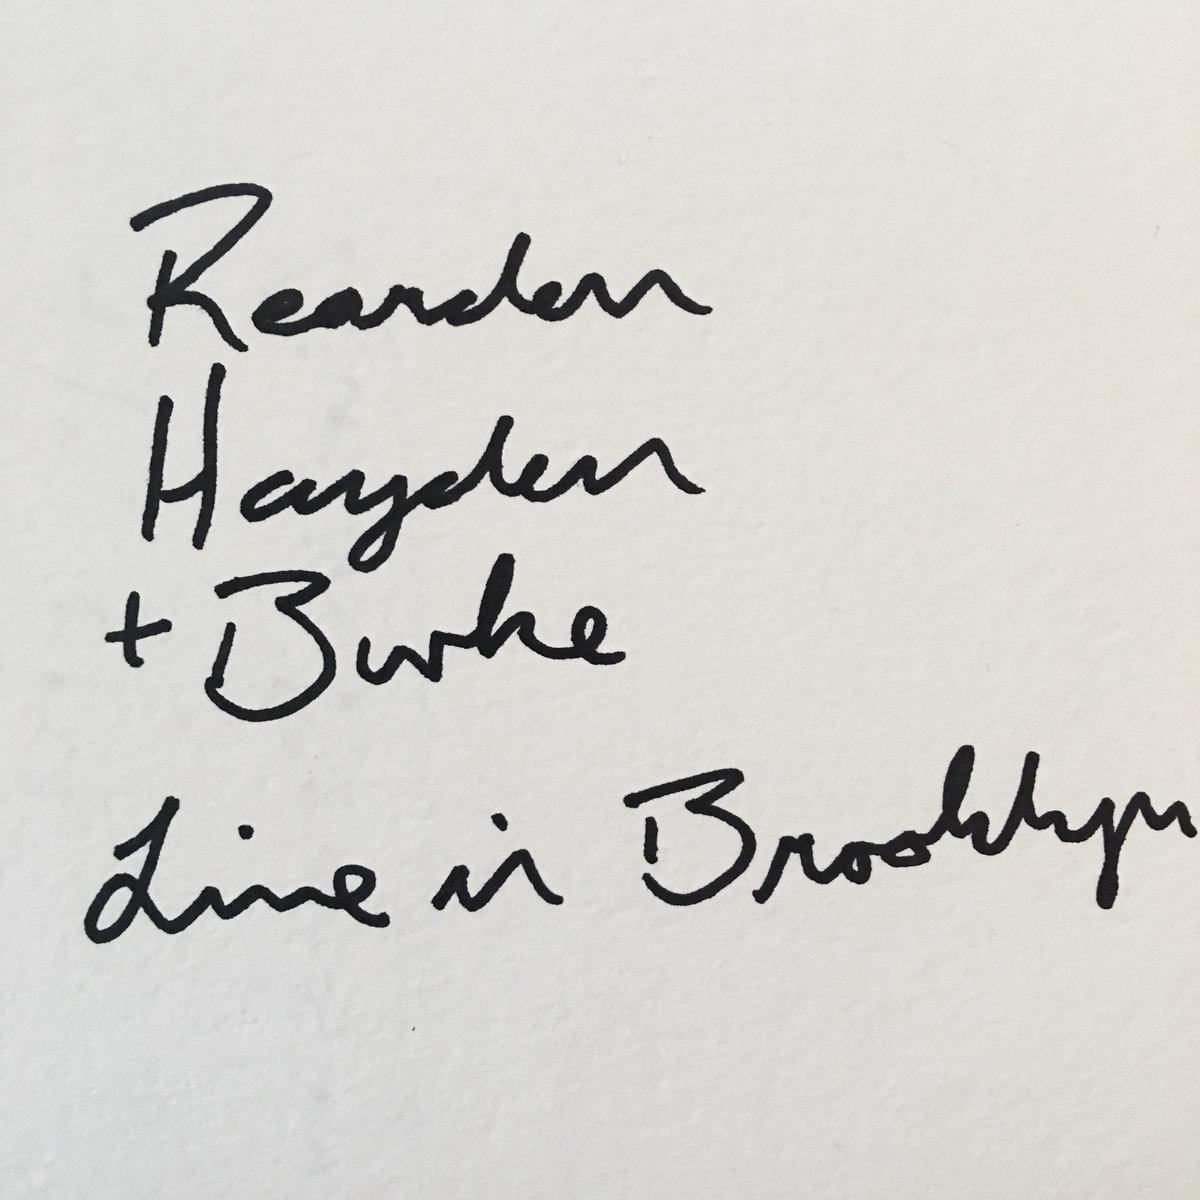 Reardon, Hayden, and Burke | Steve Burke